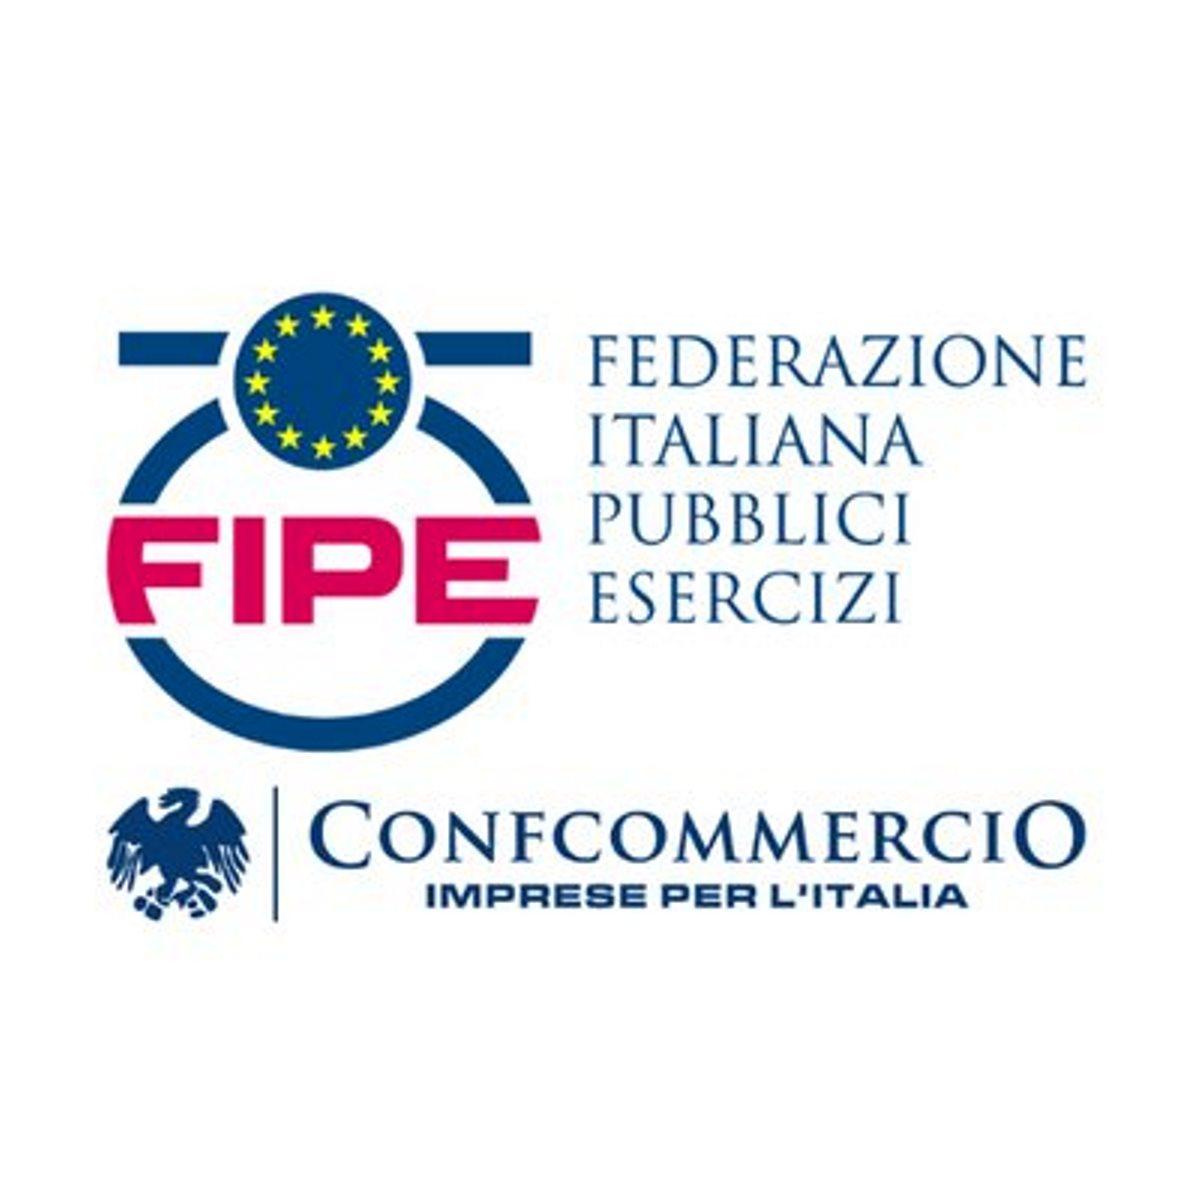 La FIPE comunicato stampa sulla movida a L'Aquila foto